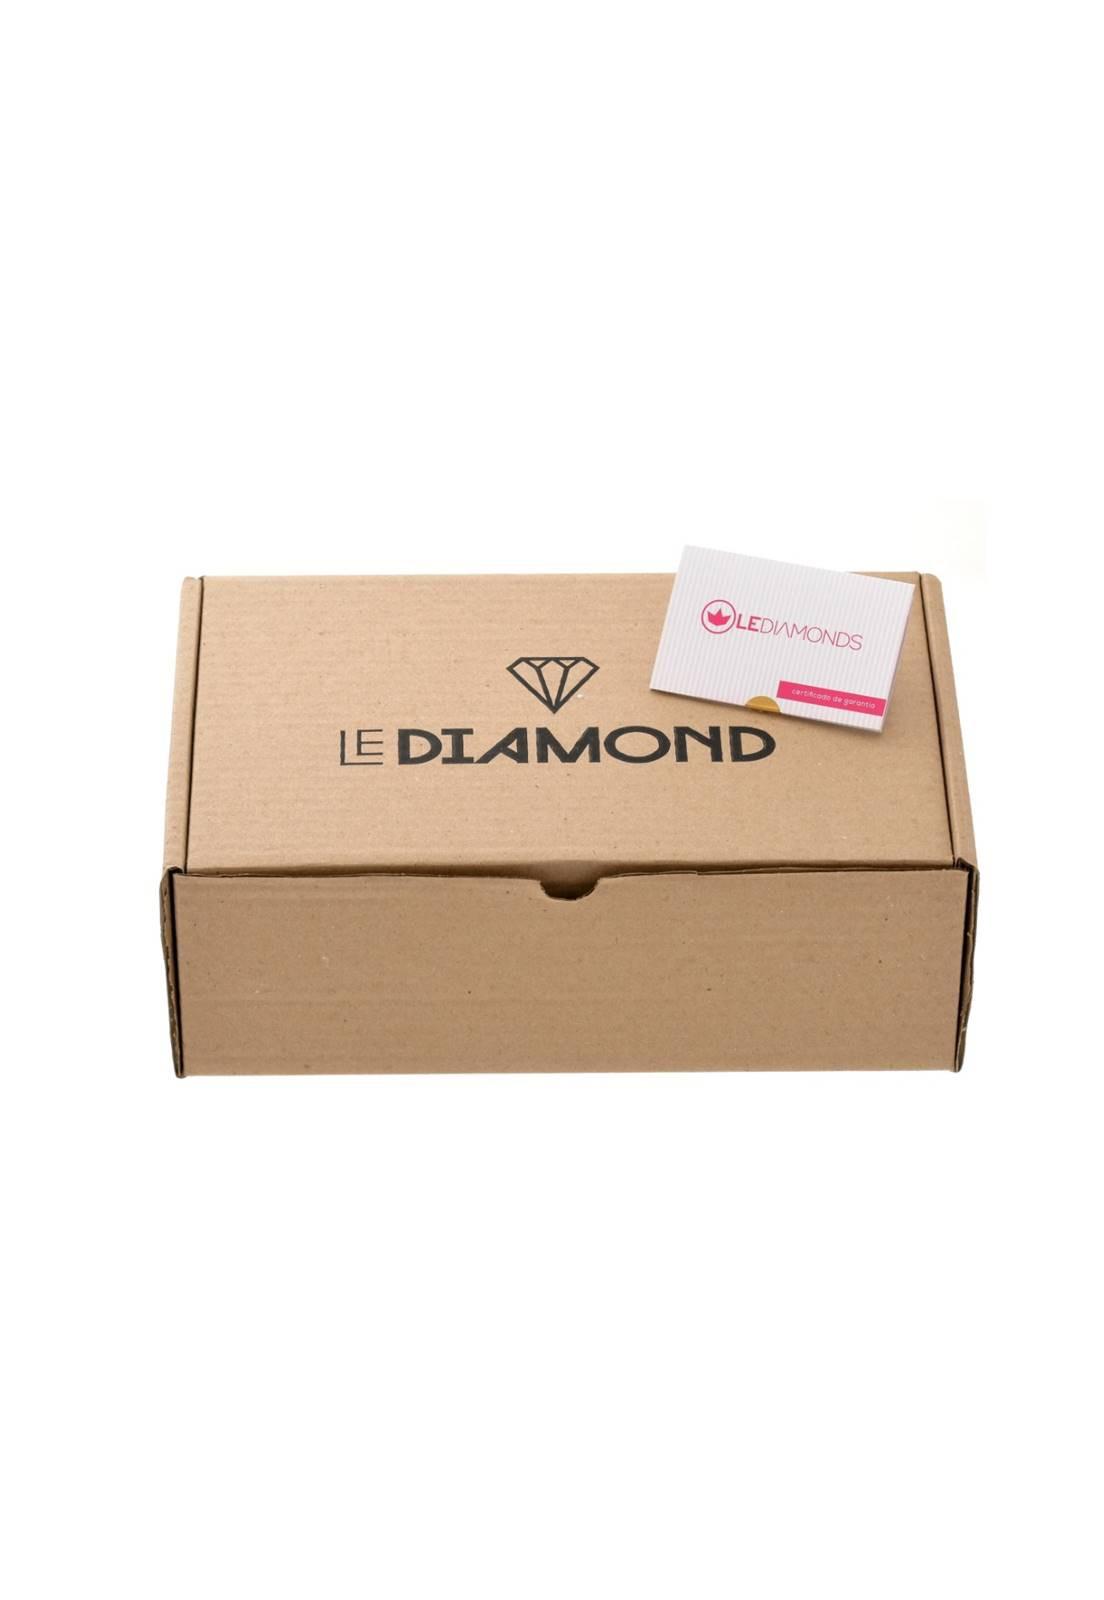 Brinco Le Diamond Brinco Evora Aro de Cristal Grande Prata